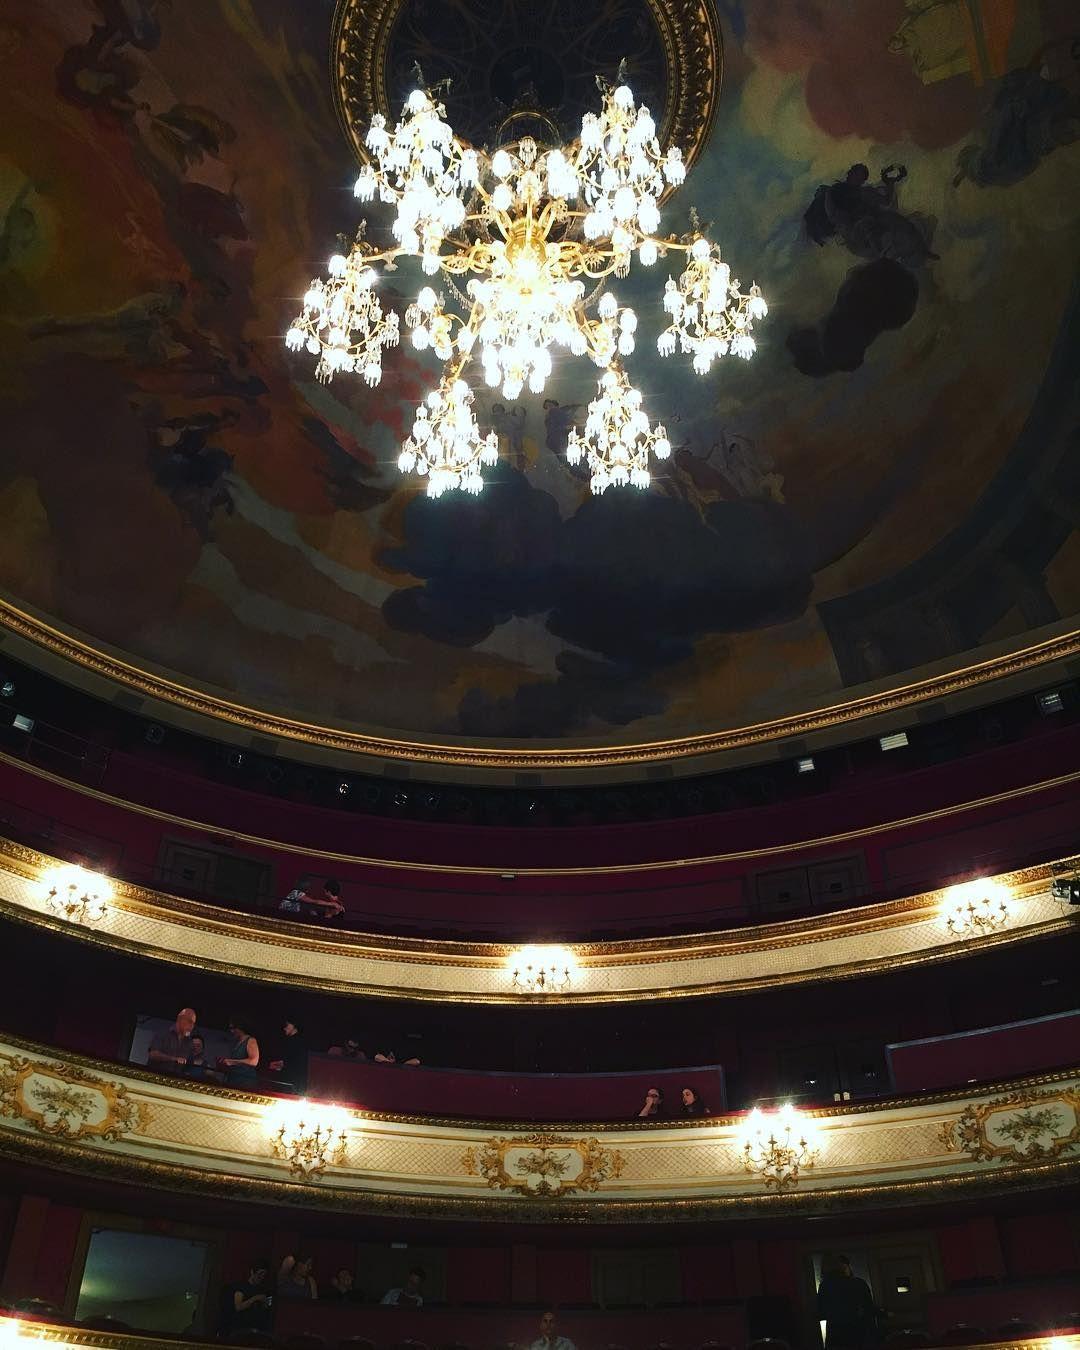 Insta Comédie-Française #paris #architecte #architecture #archidaily #archilovers #theater #theatre